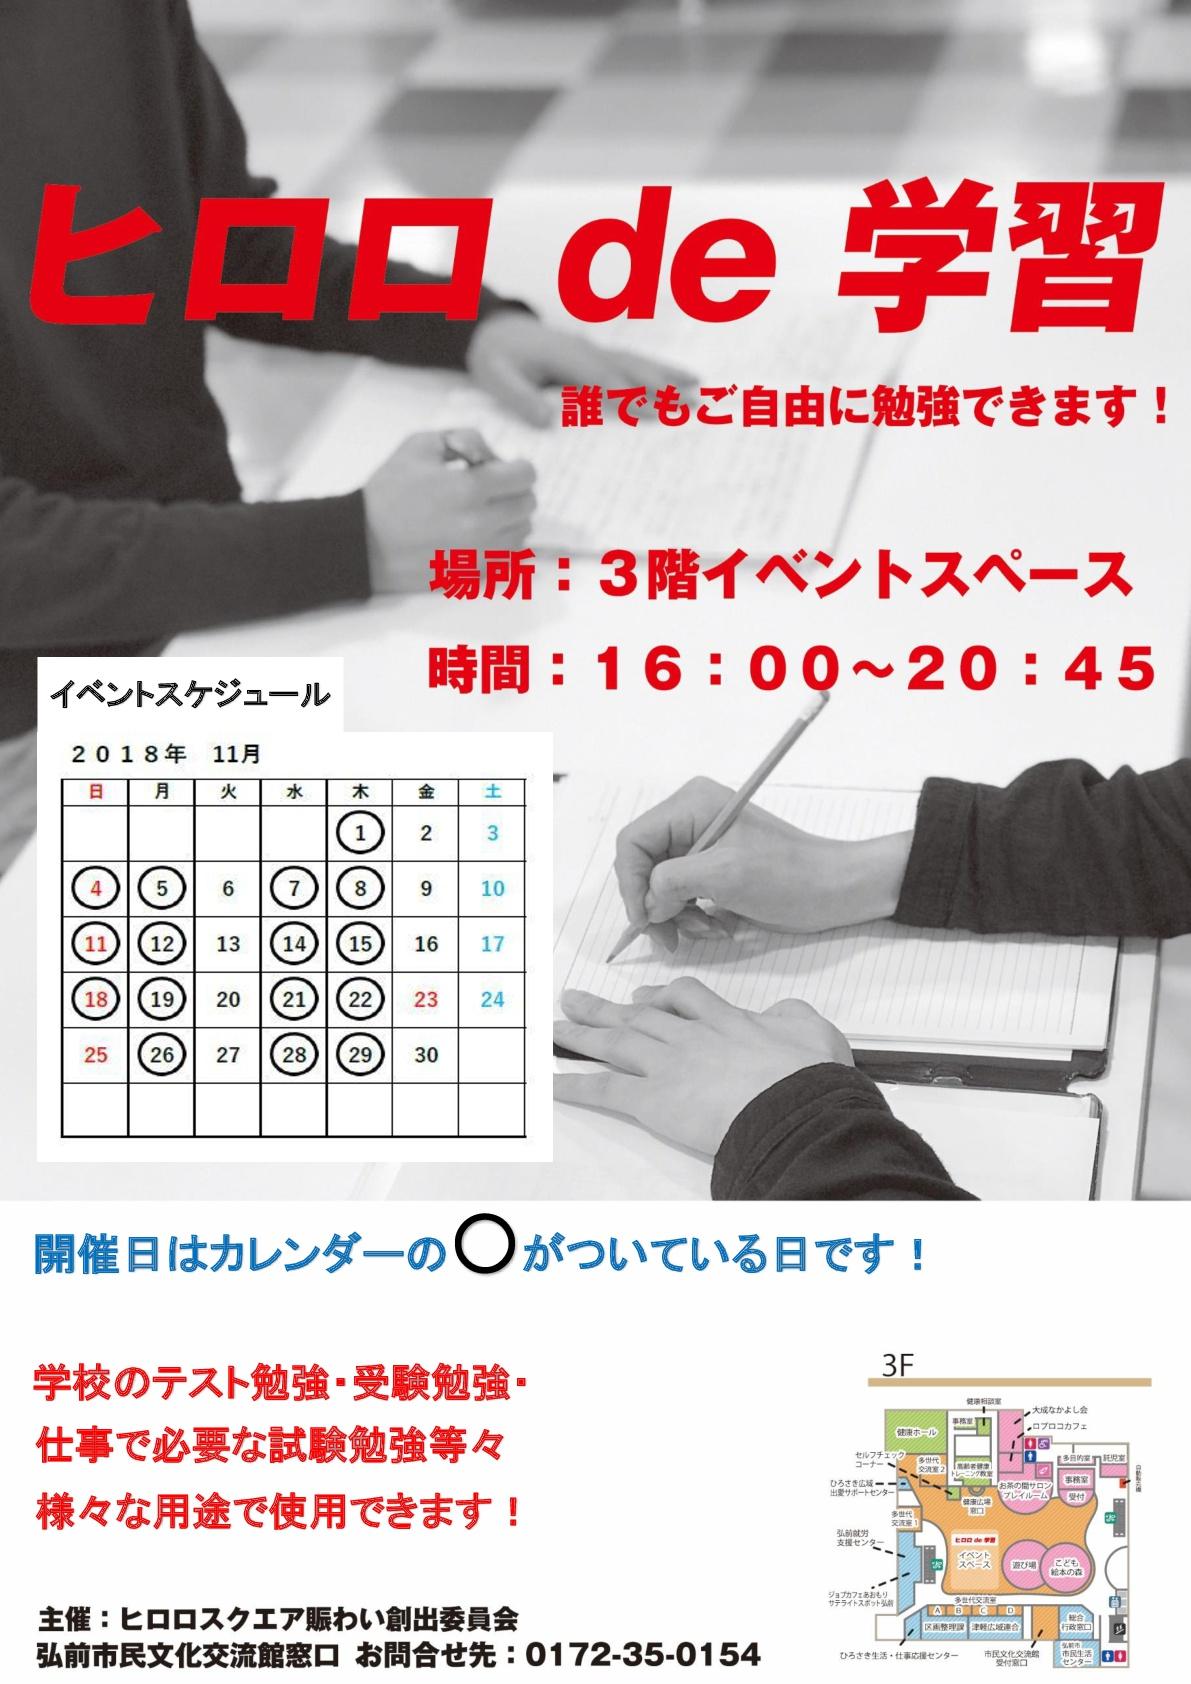 ヒロロde学習チラシ11月.jpg